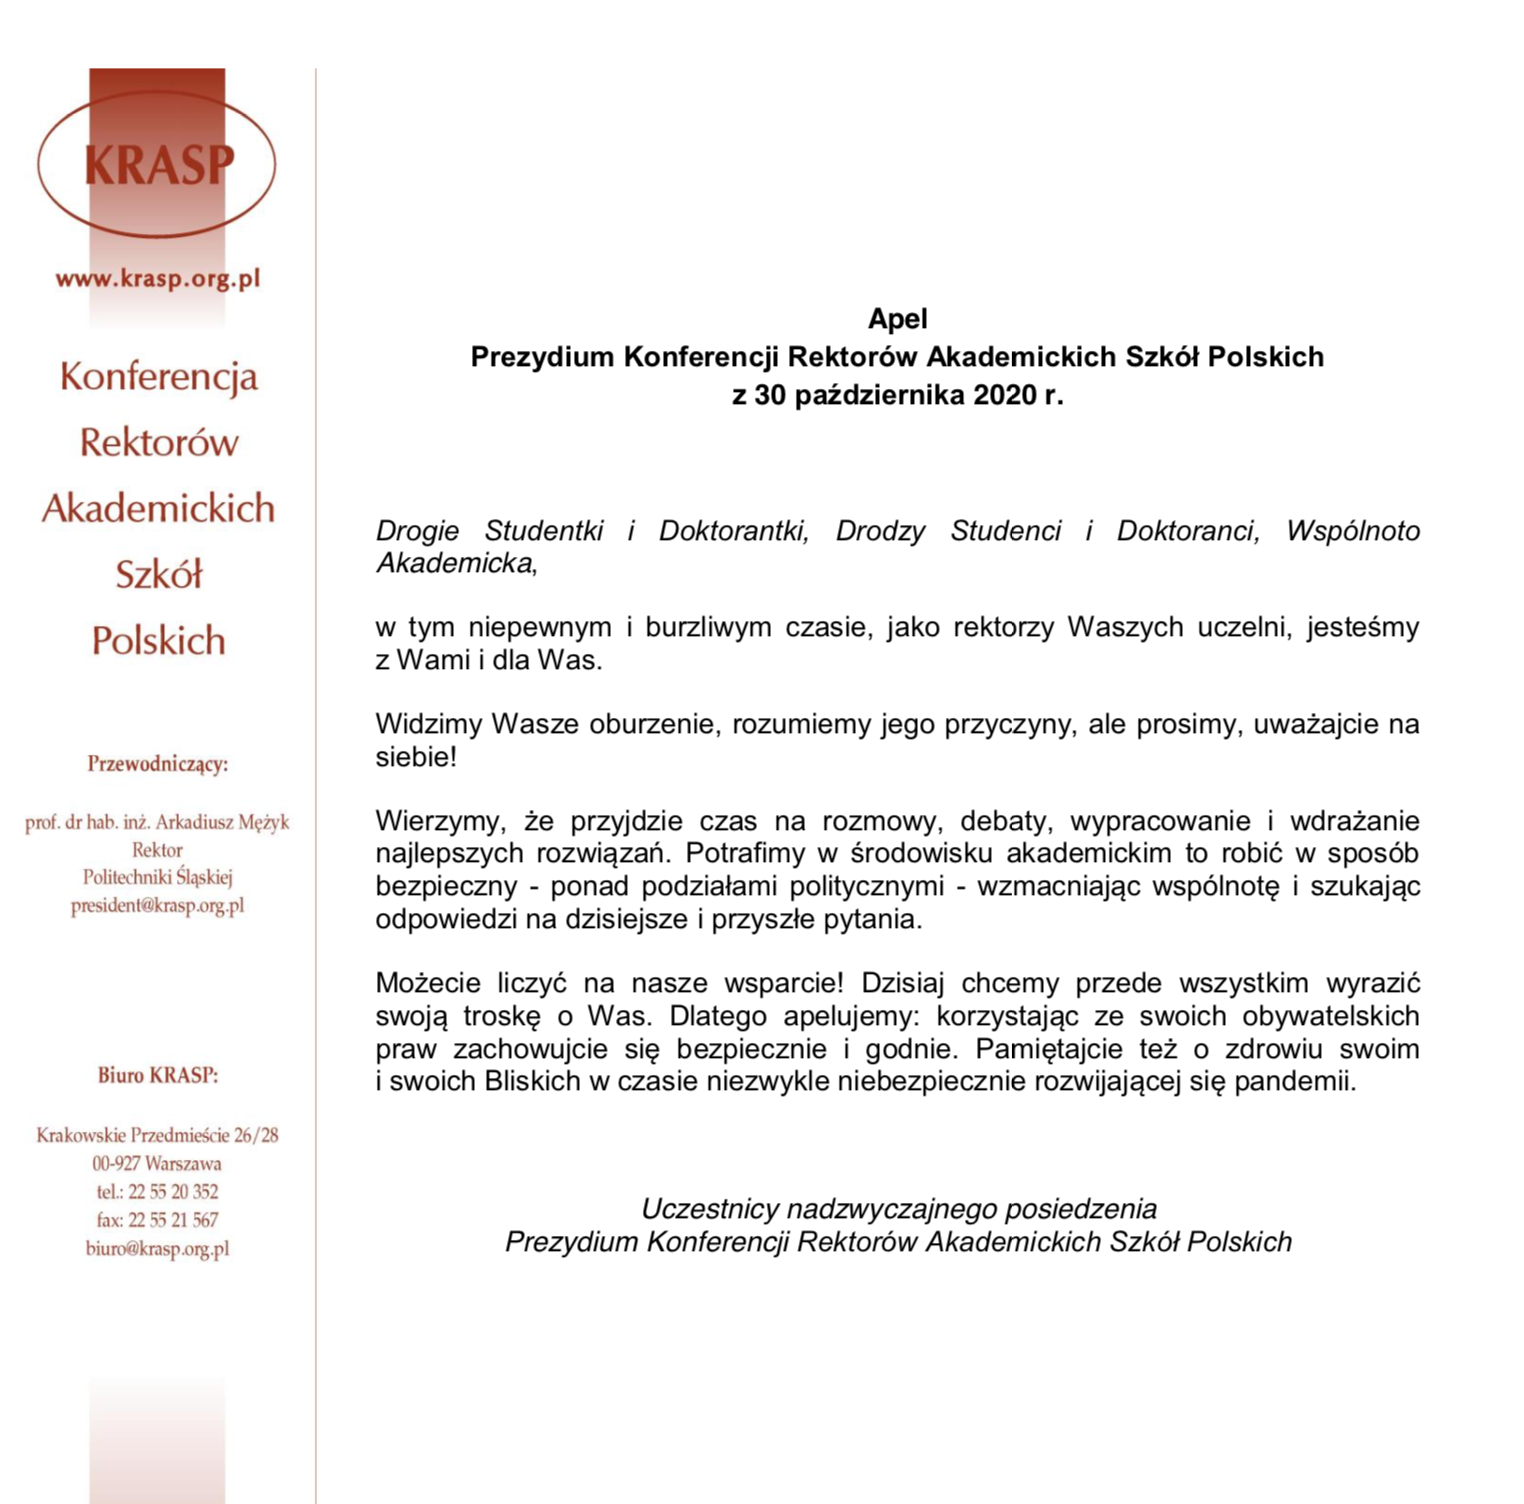 Apel Prezydium Konferencji Rektorów Akademickich Szkół Polskich z30 października 2020 r. (link)